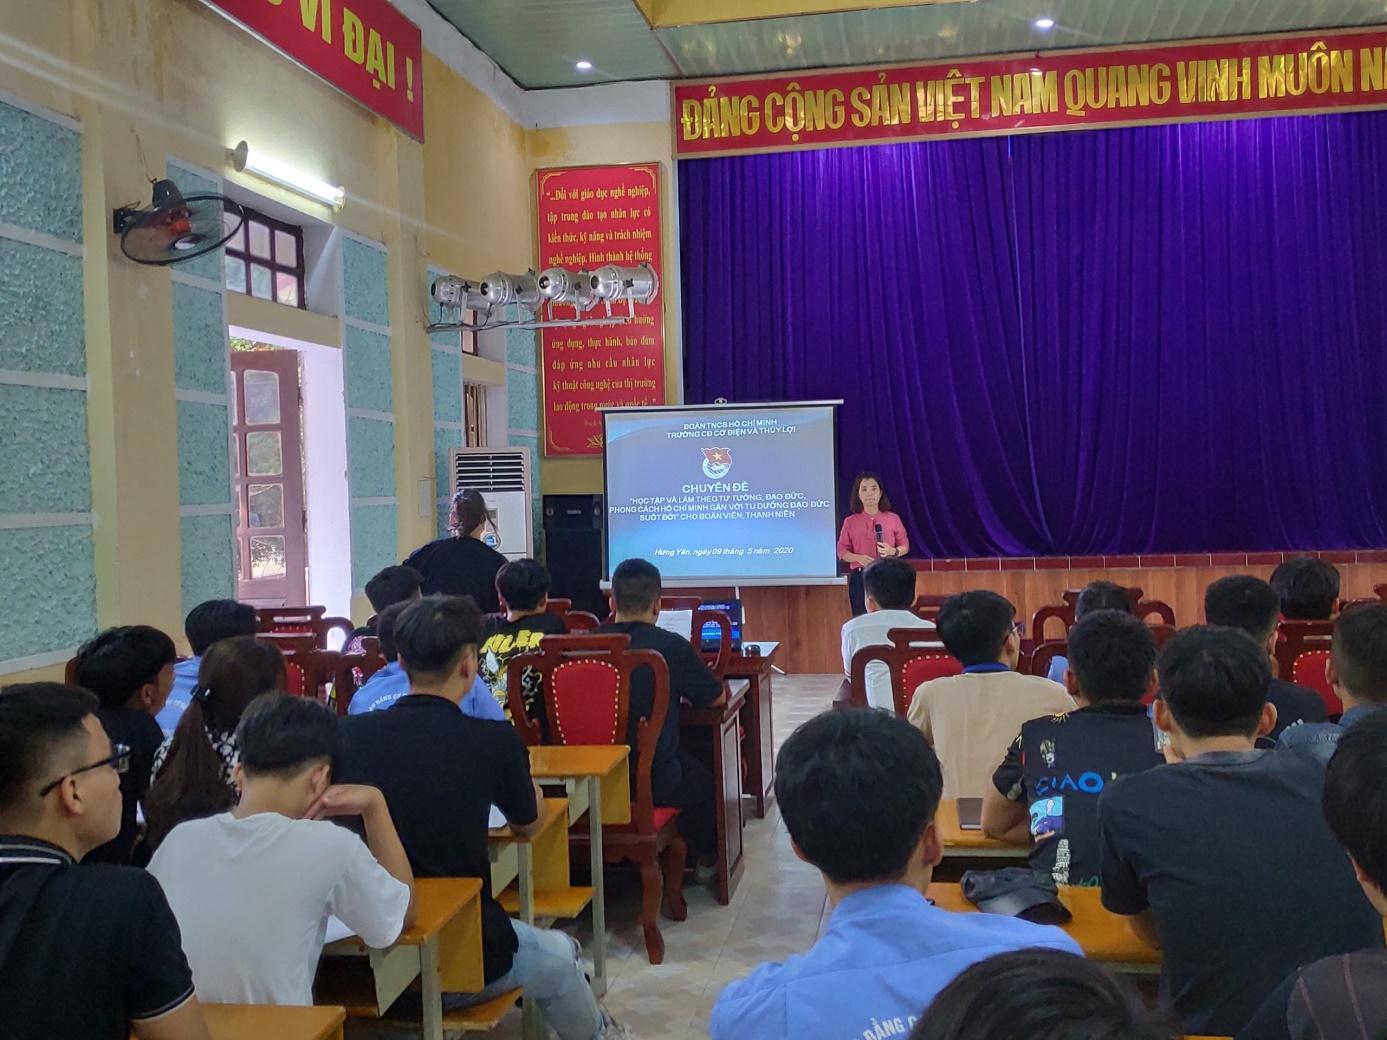 Đoàn trường Cao đẳng Cơ điện Thủy lợi tổ chức Hội nghị học tập 02 chuyên đề Học tập và làm theo tư tưởng, đạo đức, phong cách Hồ Chí Minh